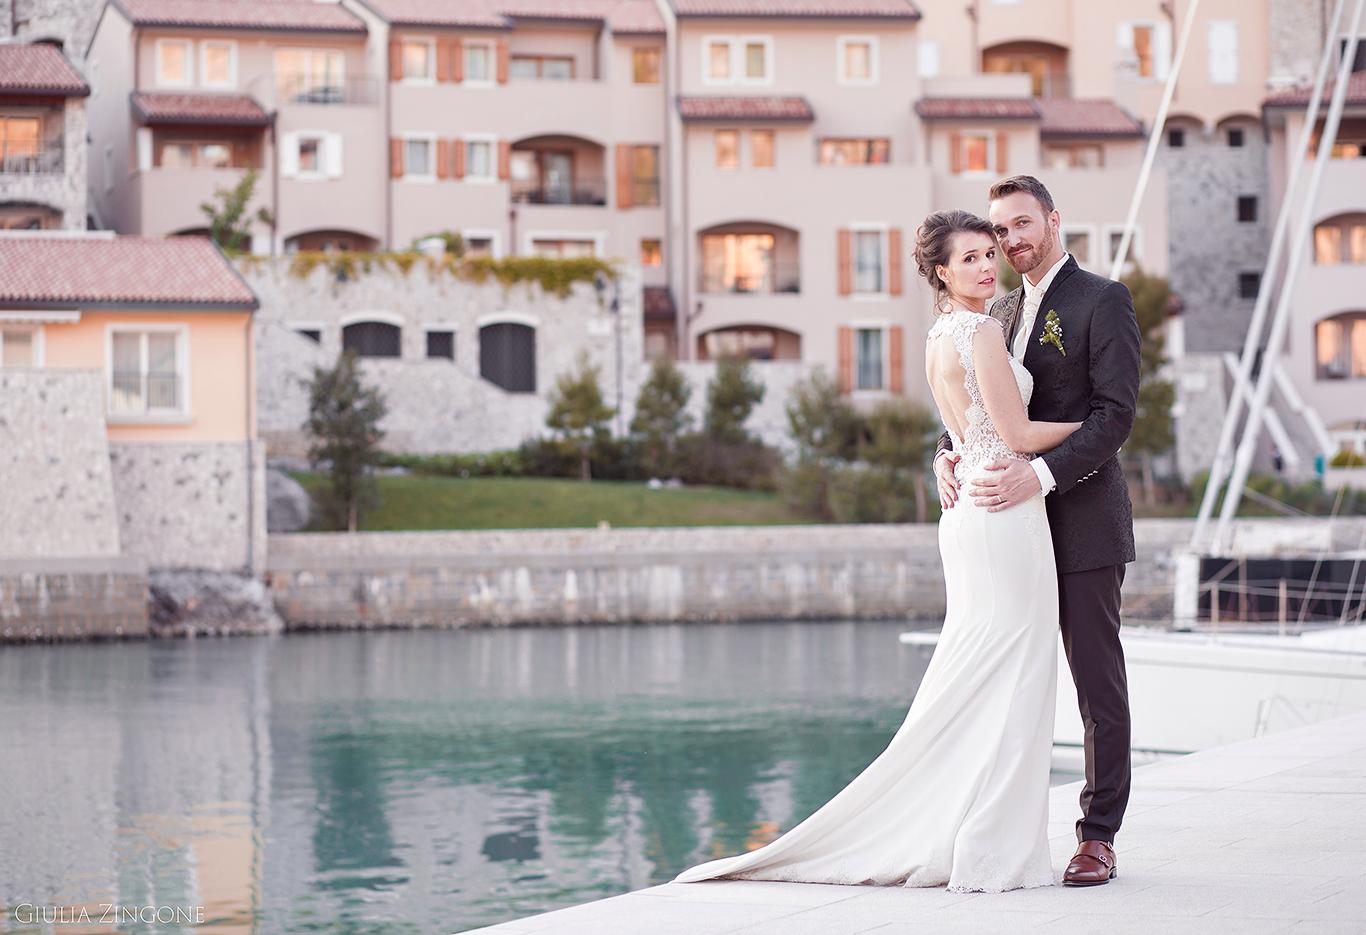 0030 benvenuti nella gallery del fotografo di matrimonio a Portopiccolo Sistiana Giulia Zingone hochzeit photograph in Portopiccolo Friaul